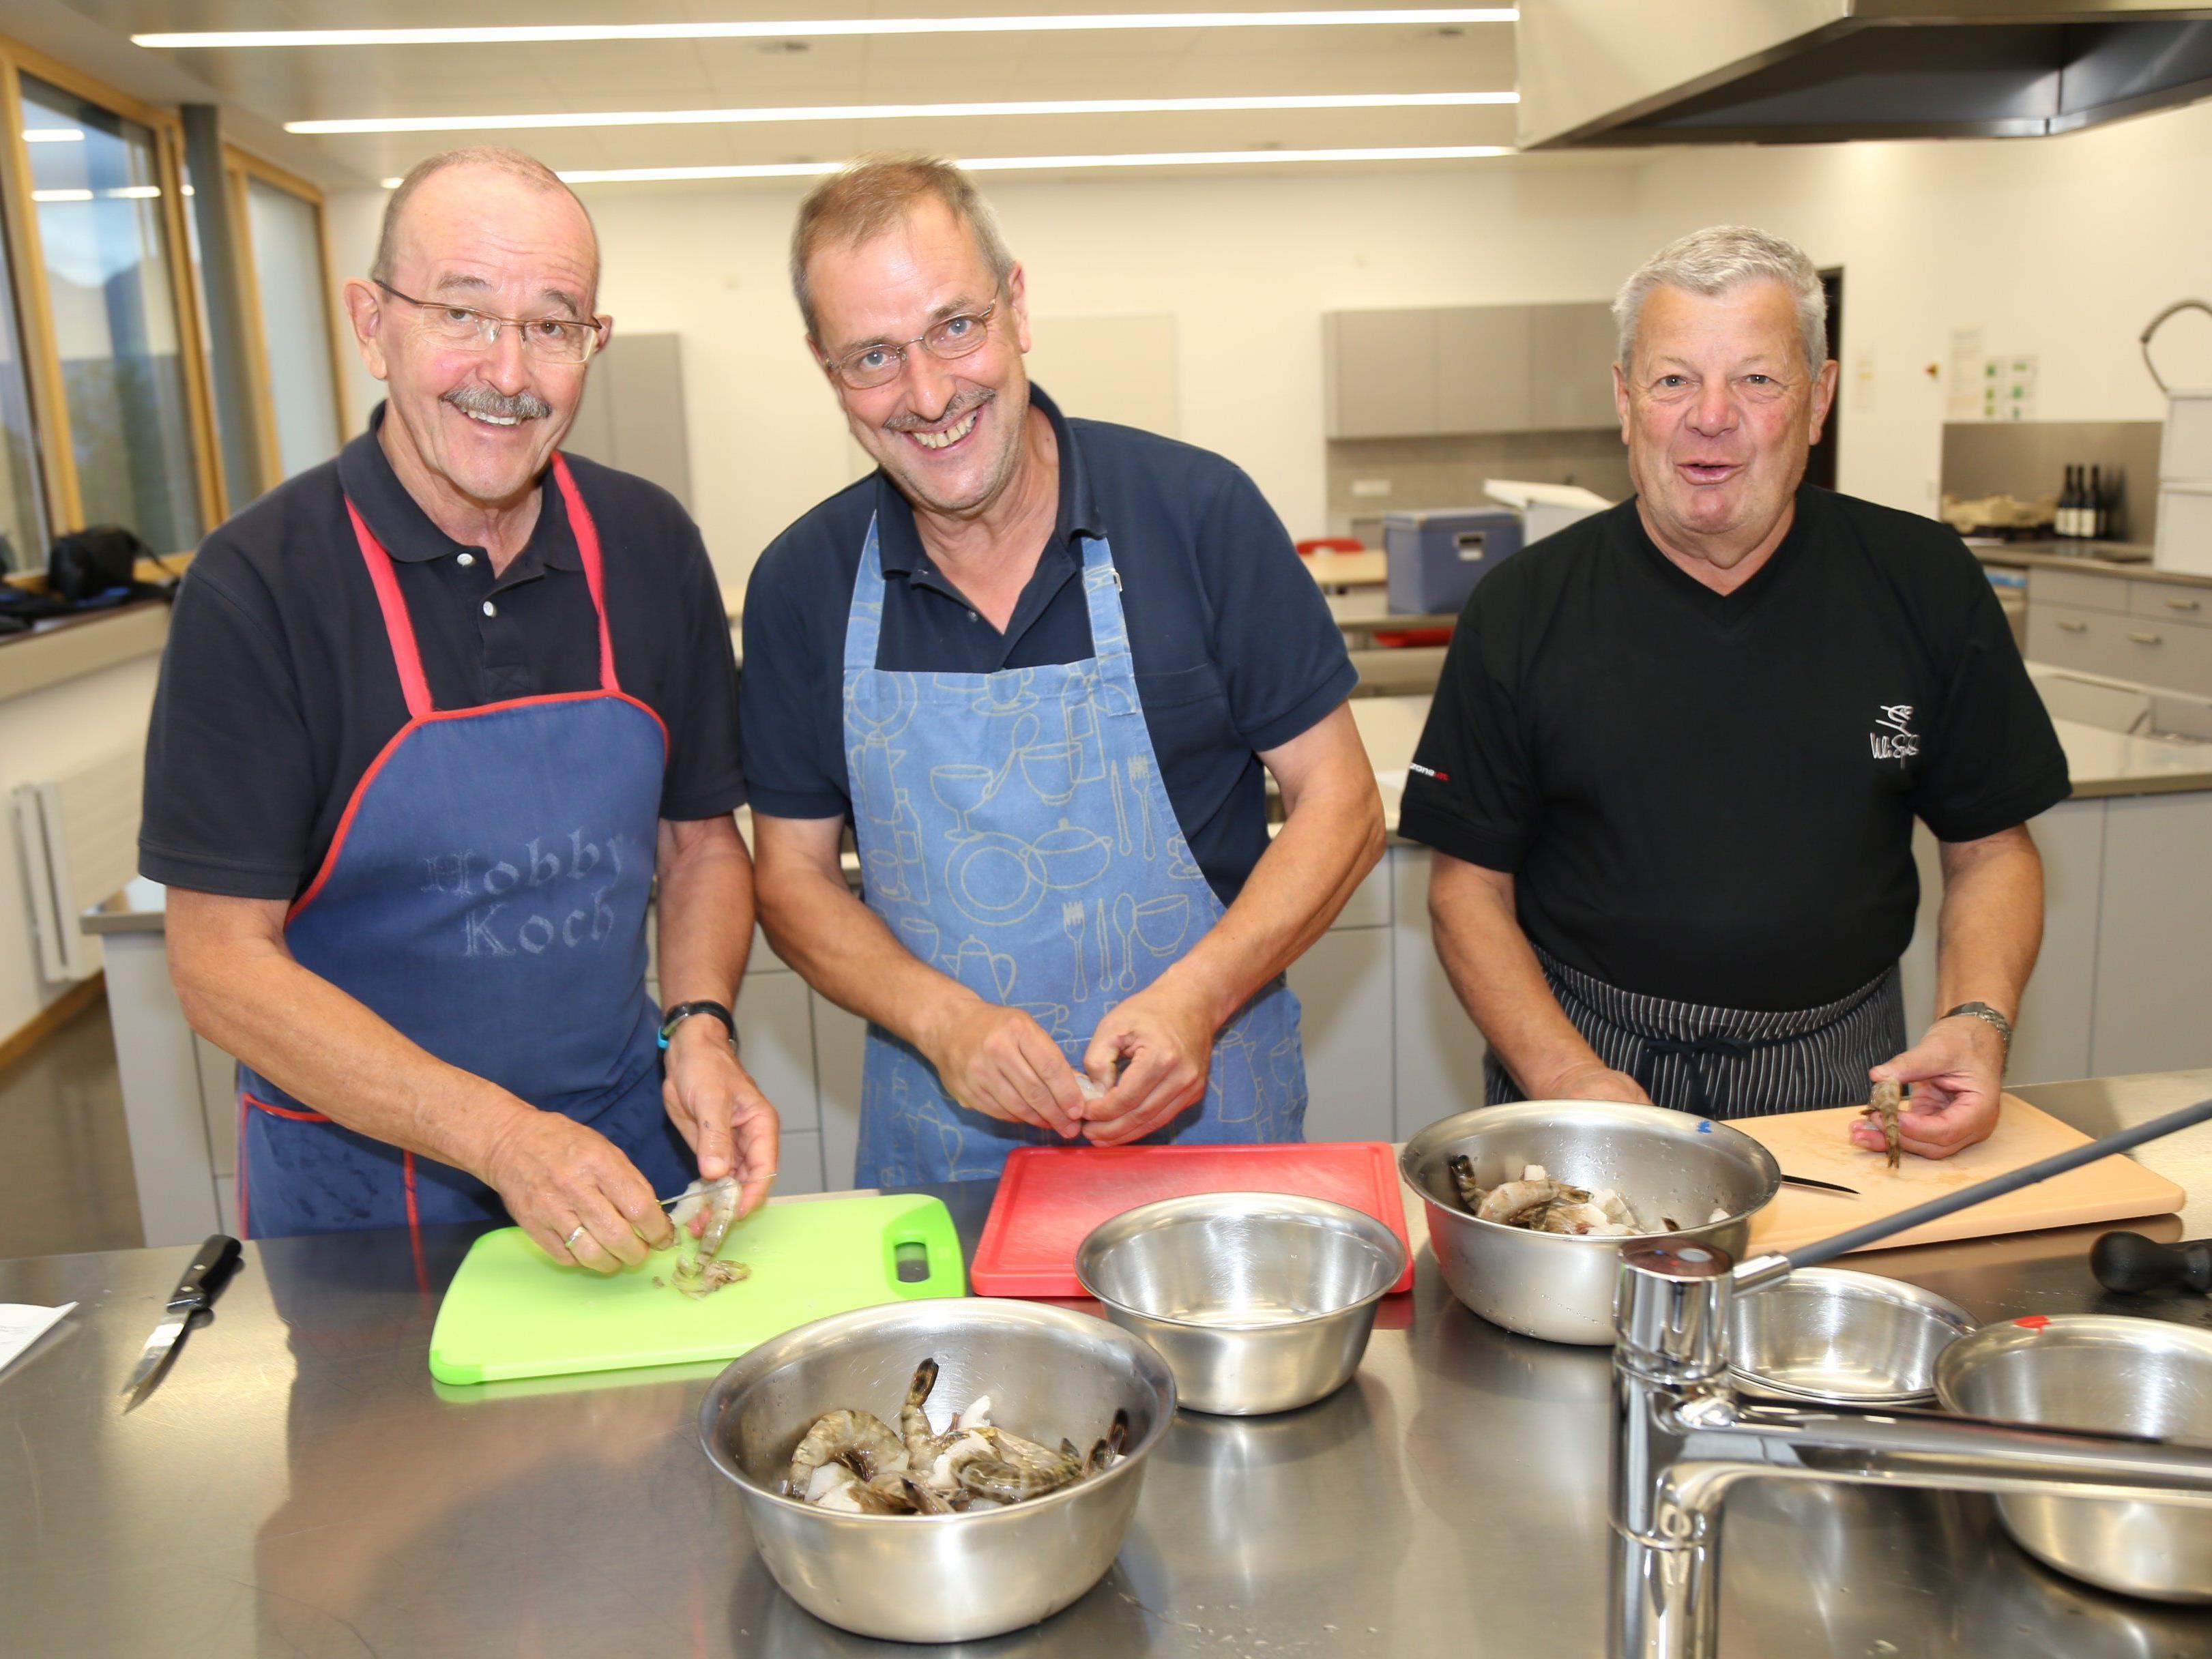 Friedemann, Hans und Helmut sind begeistert vom Kochkurs.